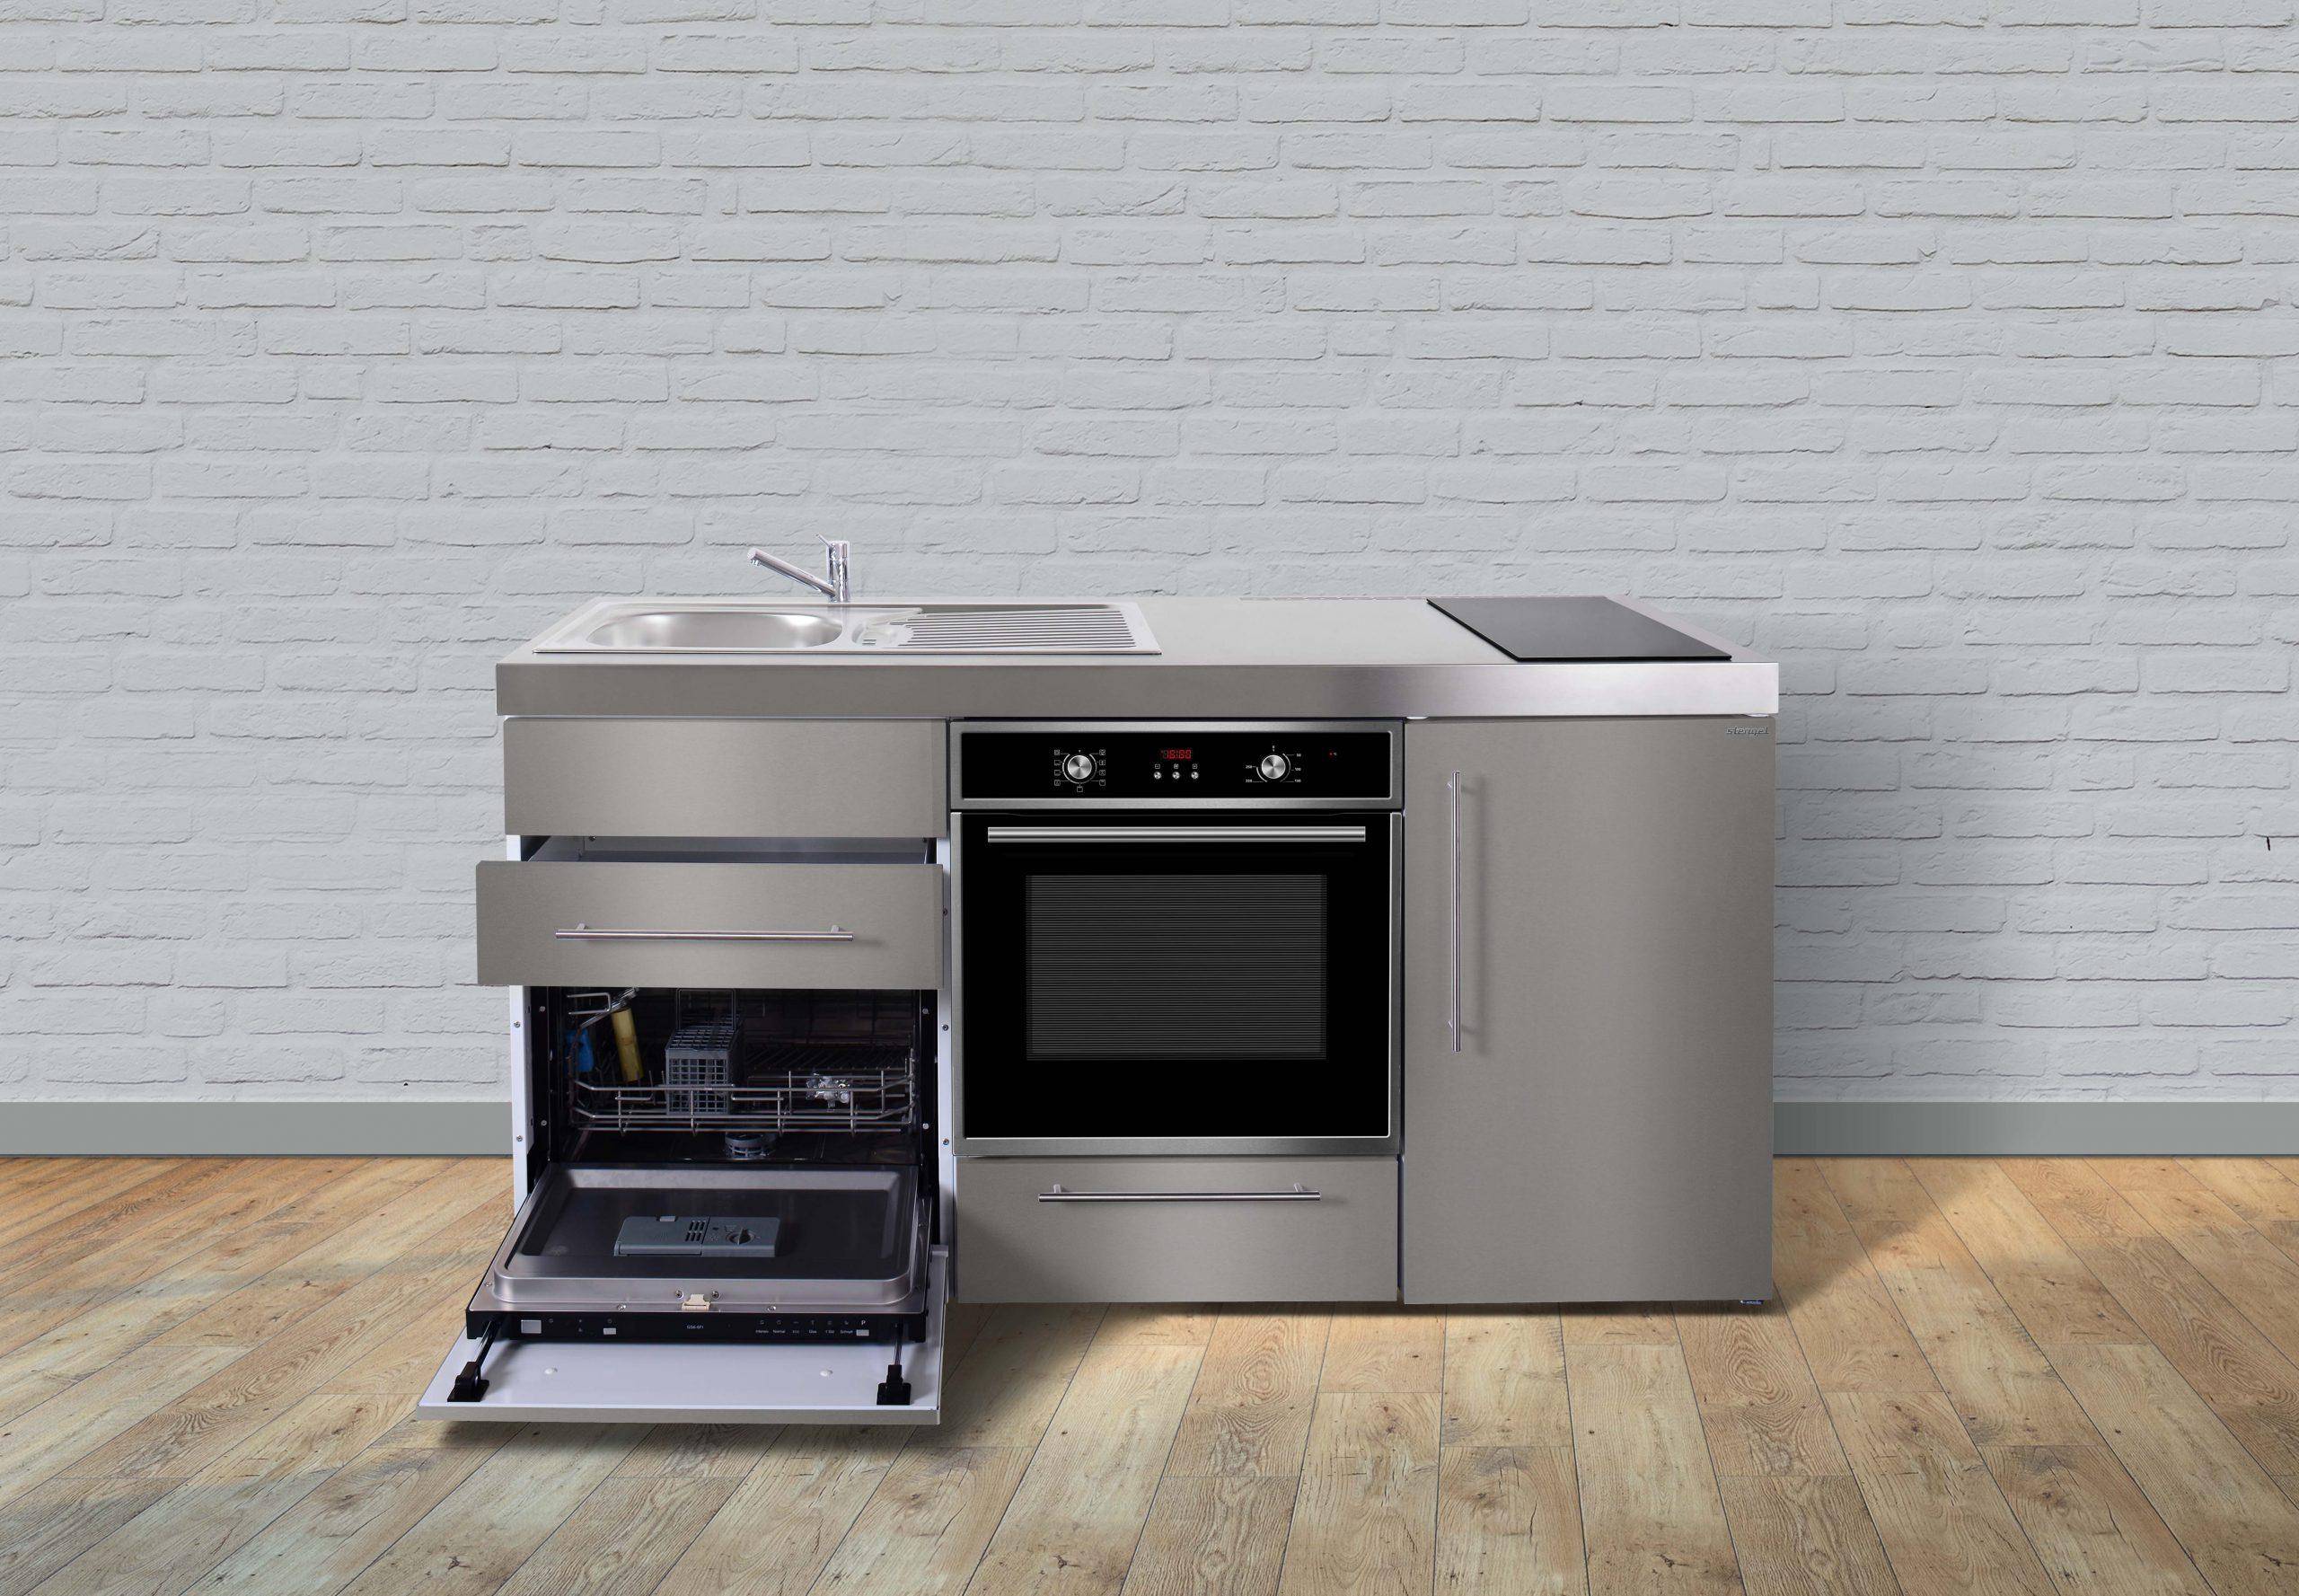 Full Size of Miniküche Mit Kühlschrank Roller Miniküche Kühlschrank Ausbauen Respekta Miniküche Mit Kühlschrank Pantry 100 Miniküche 100 Cm Mit Kühlschrank Und Ceranfeld Küche Miniküche Mit Kühlschrank